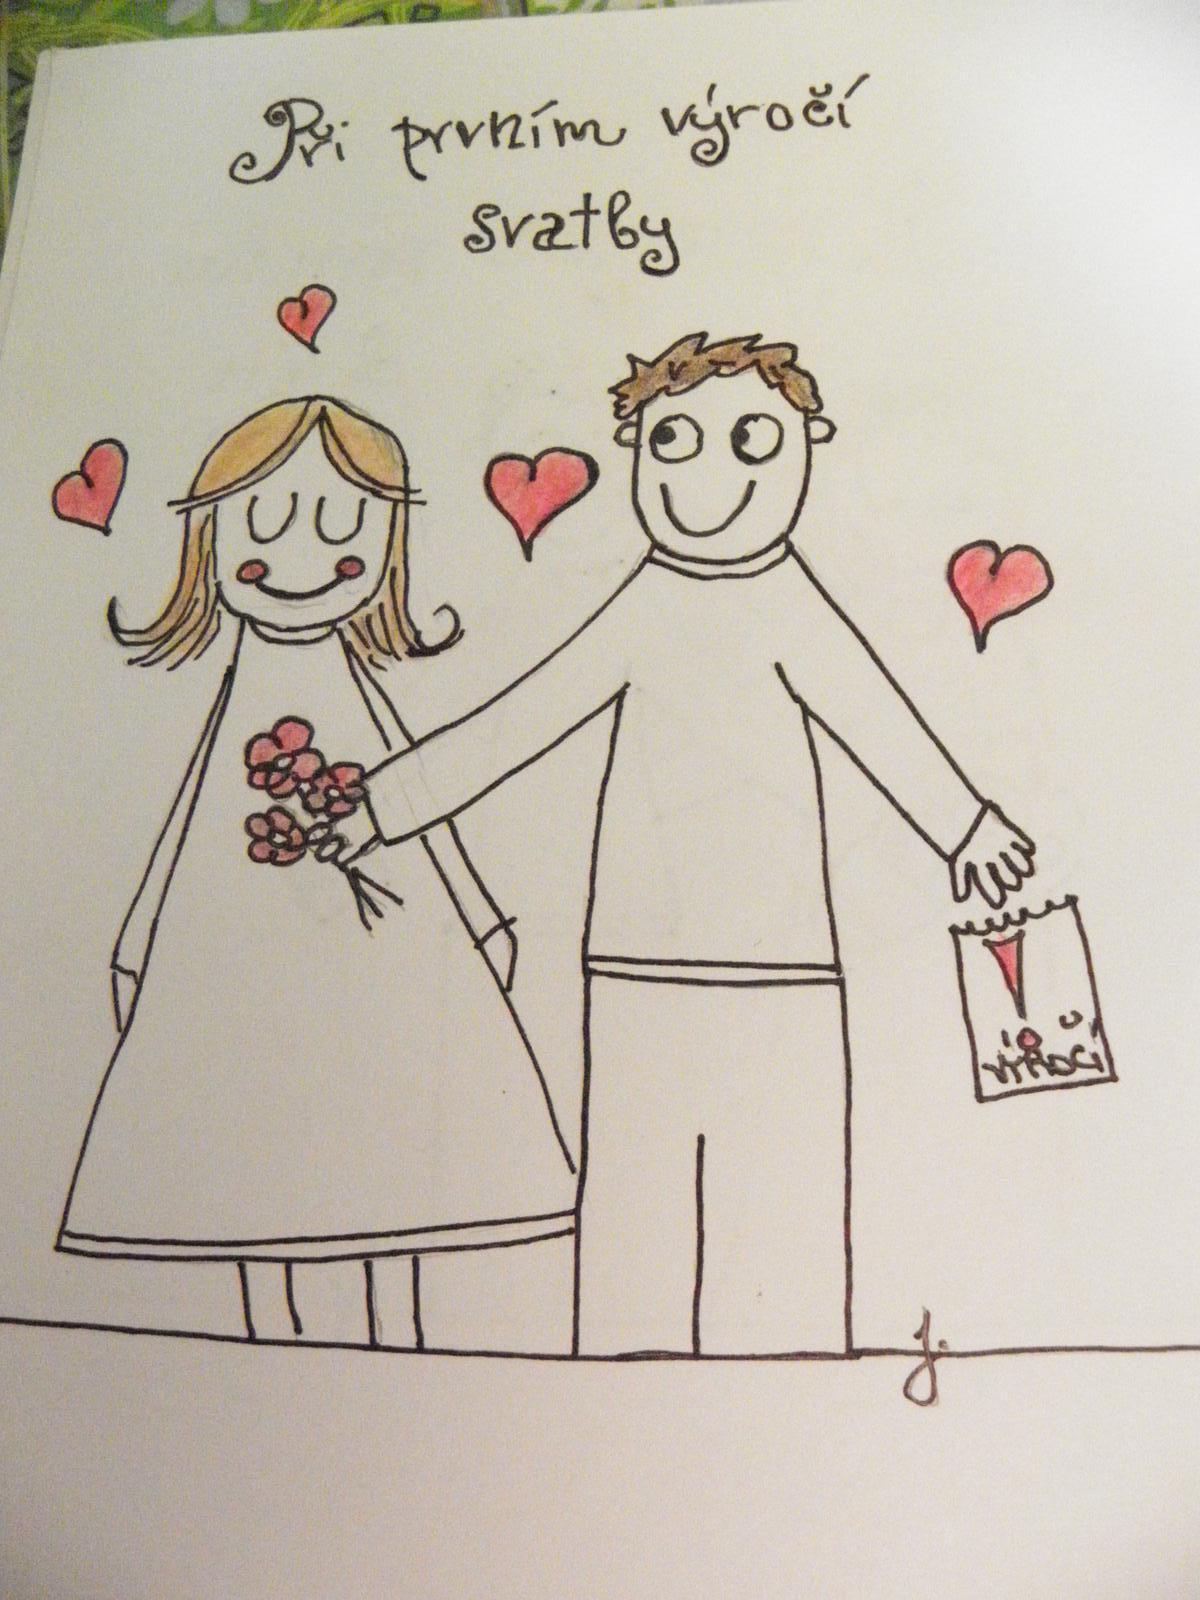 Selská svatba + Má tvorba - II. viněta do svatebních novin, mou rukou malovaná... :)